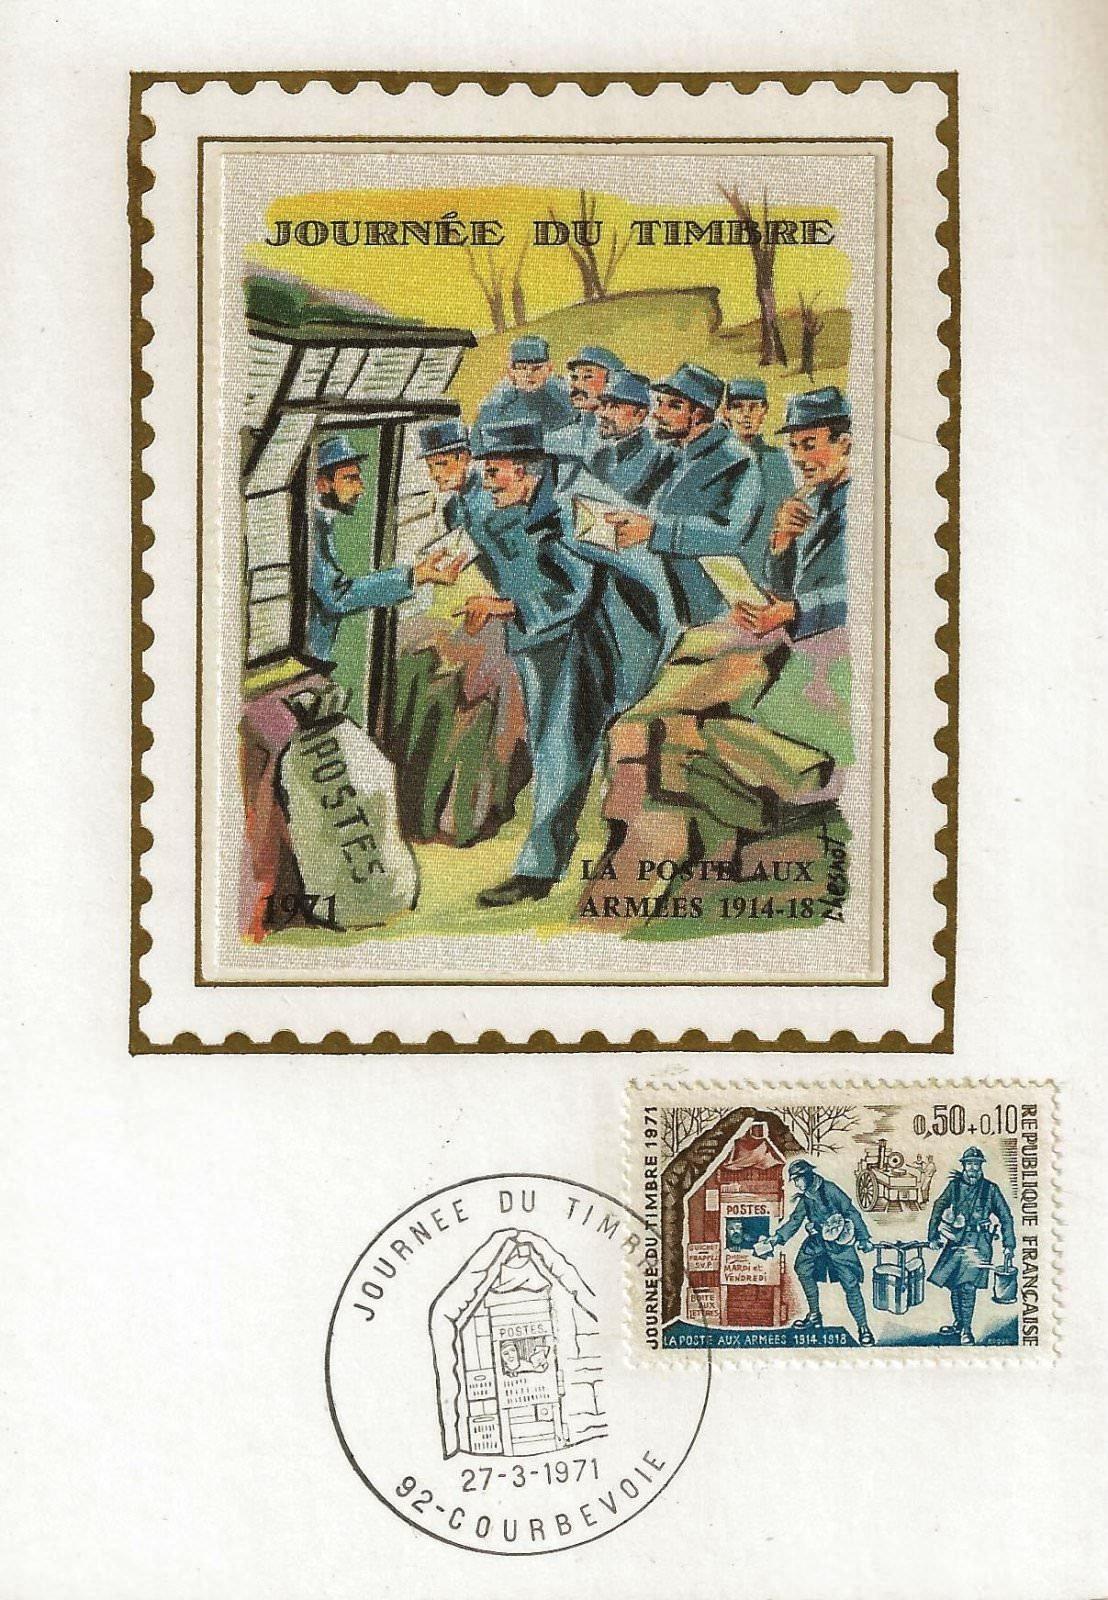 1971journéeTimbre